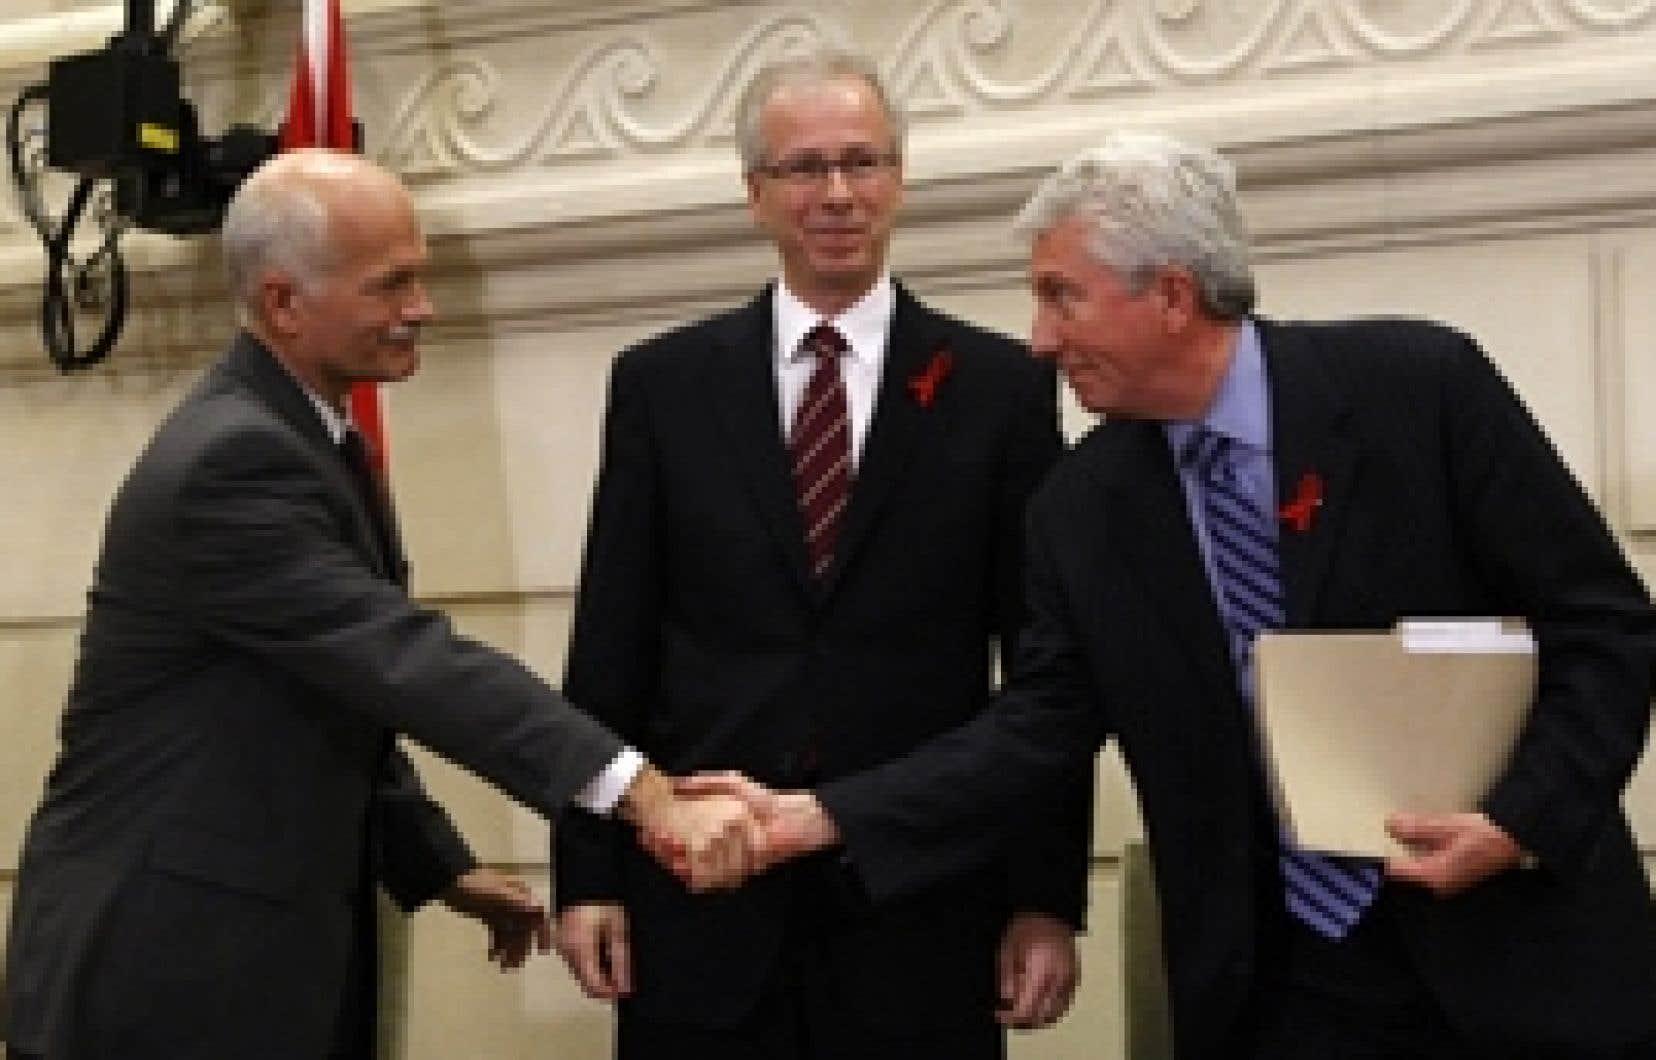 Jack Layton, Stéphane Dion et Gilles Duceppe ont tenté de former une coalition gouvernementale pour chasser les conservateurs de Stephen Harper. Le chef du PCC a finalement obtenu de la gouverneure générale, Michaëlle Jean, la prorogation du Parleme